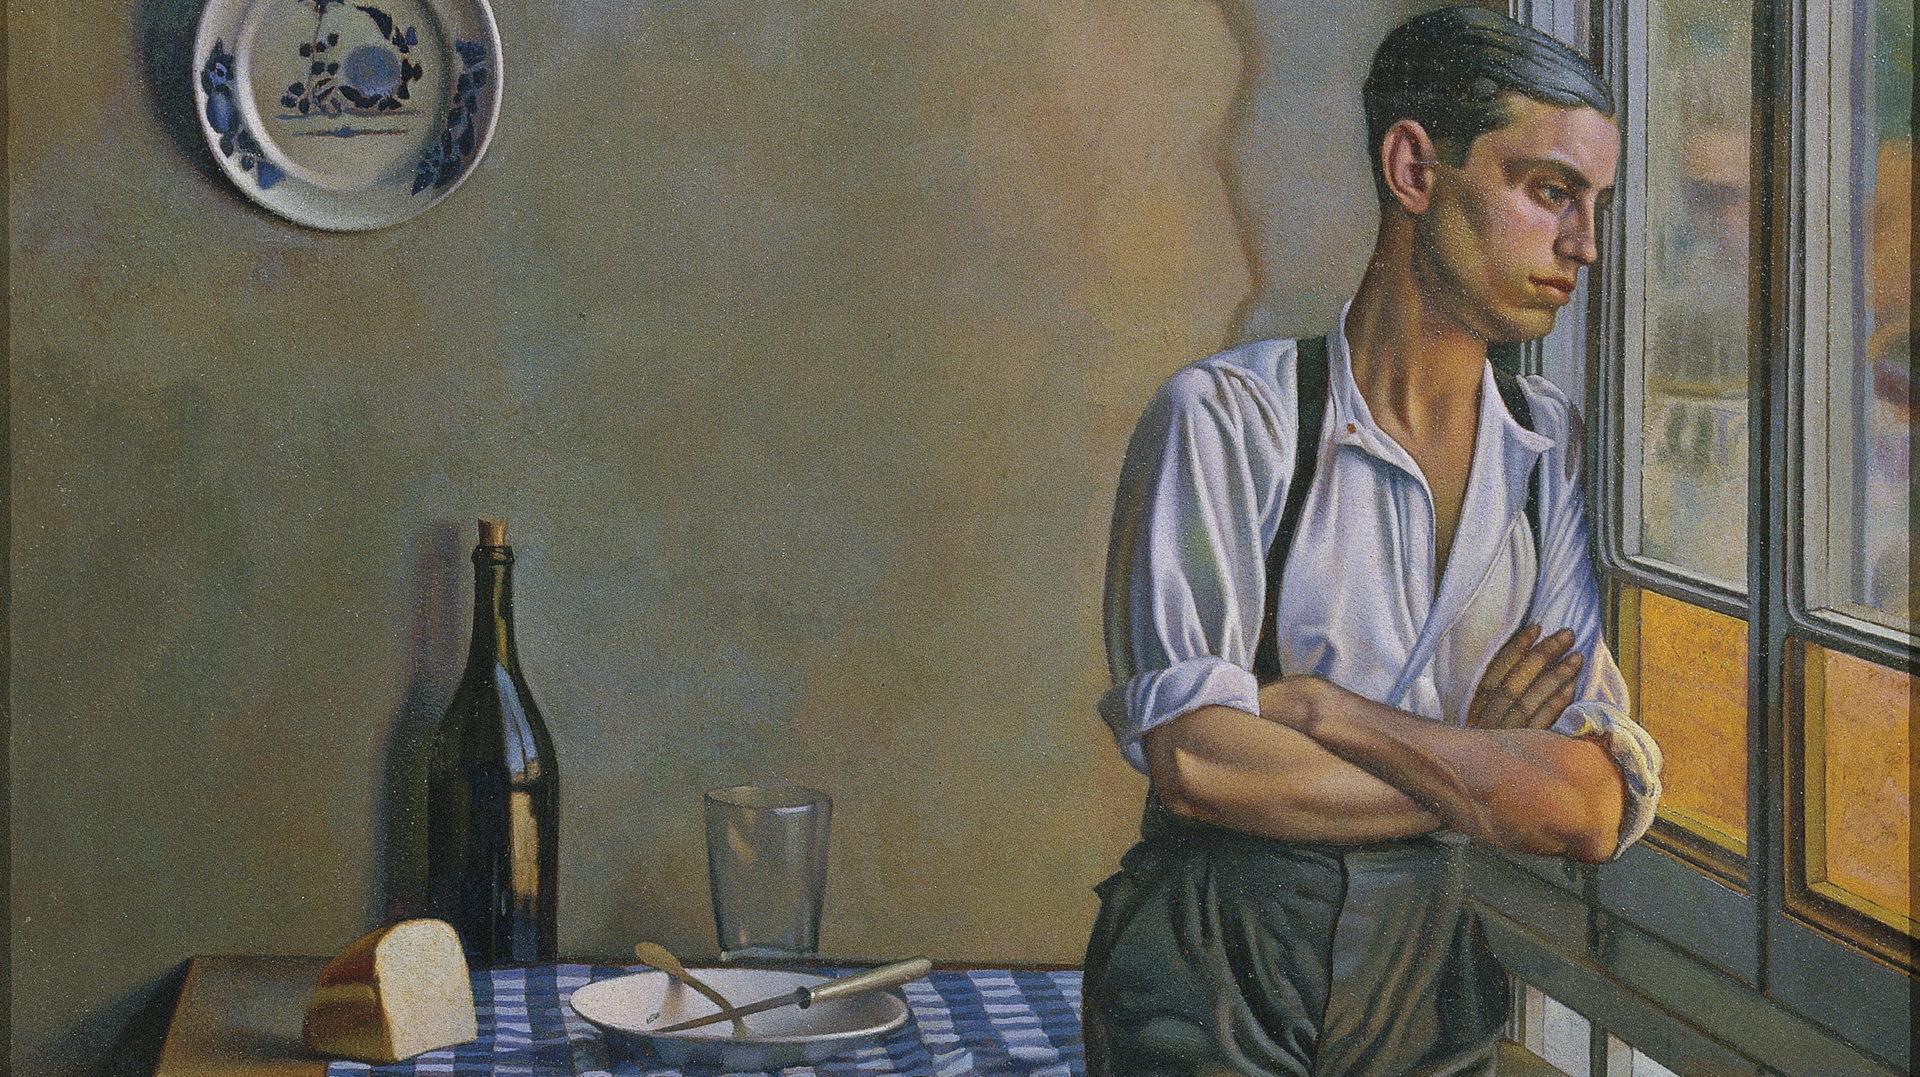 Realisme(s) a Catalunya. Del Picasso clàssic al Dalí surrealista